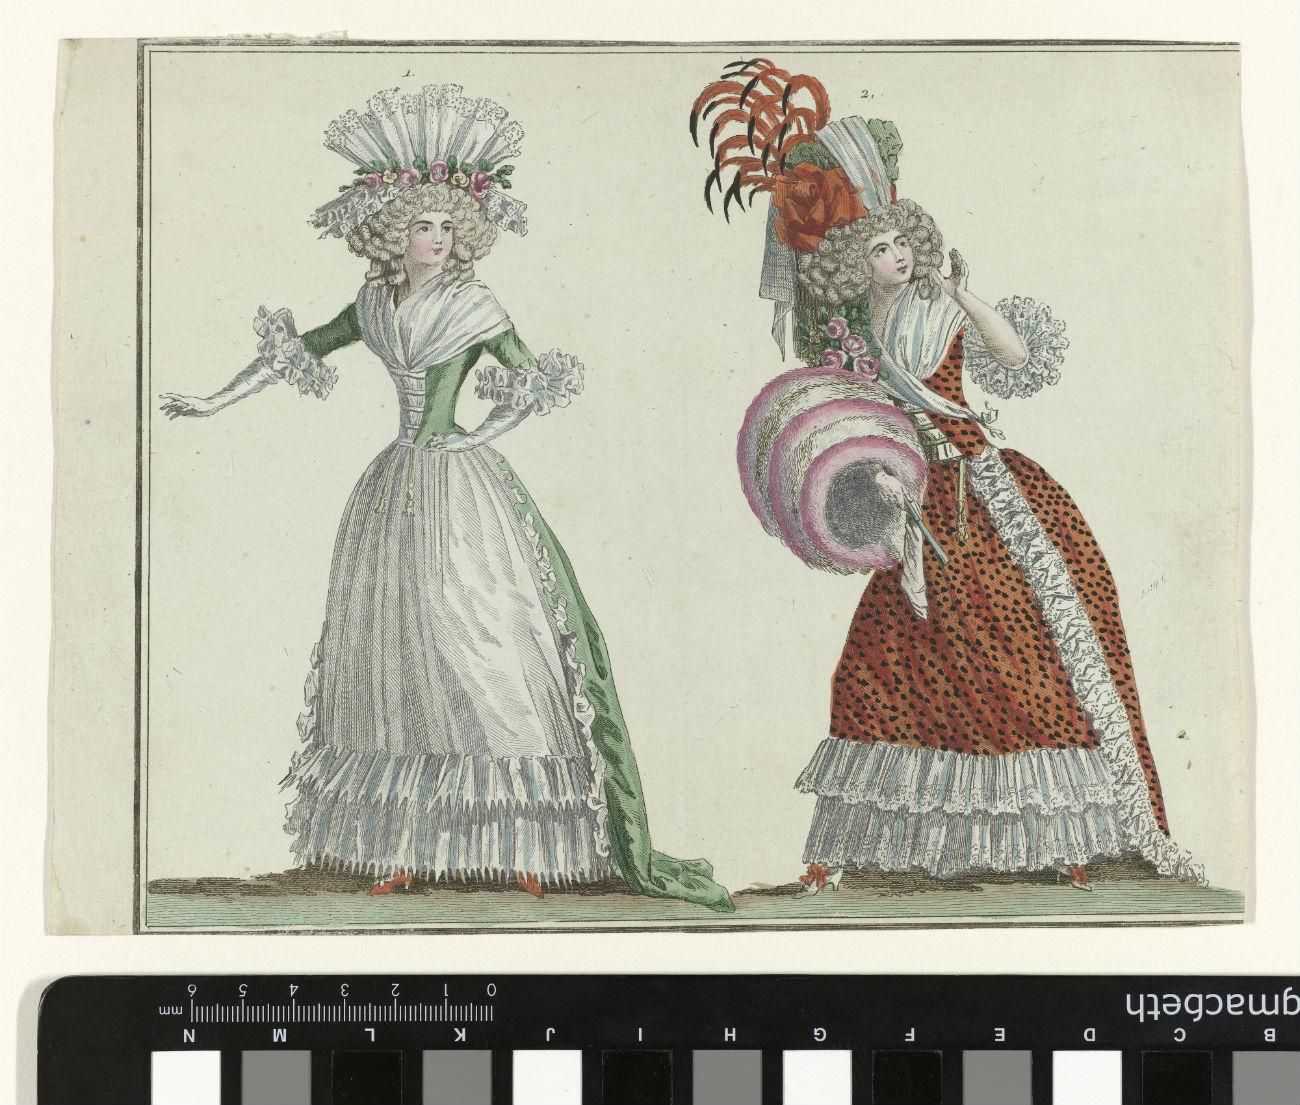 Magasin des Modes Nouvelles Françaises et Anglaises, 20 février 1788, Pl. 1,2 (Rijksmuseum)